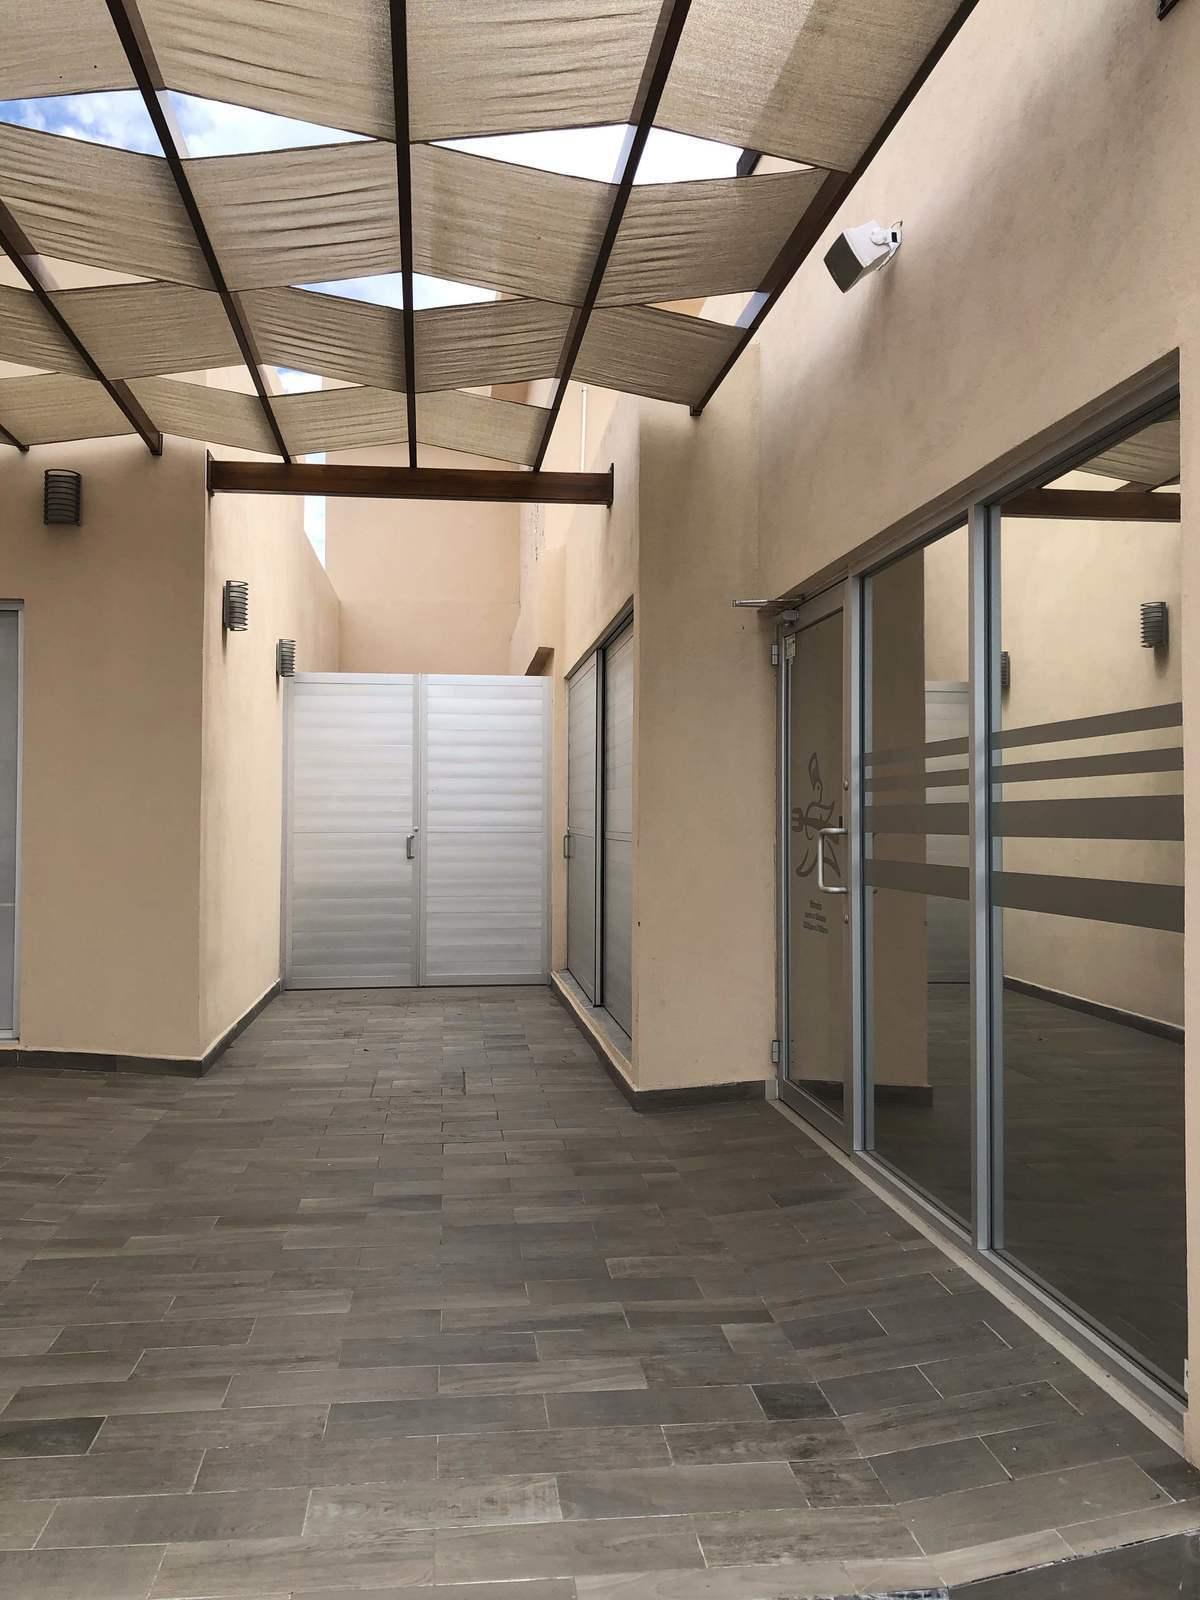 2 de 6: Entrada del local puertas de cristal y acceso a baños.